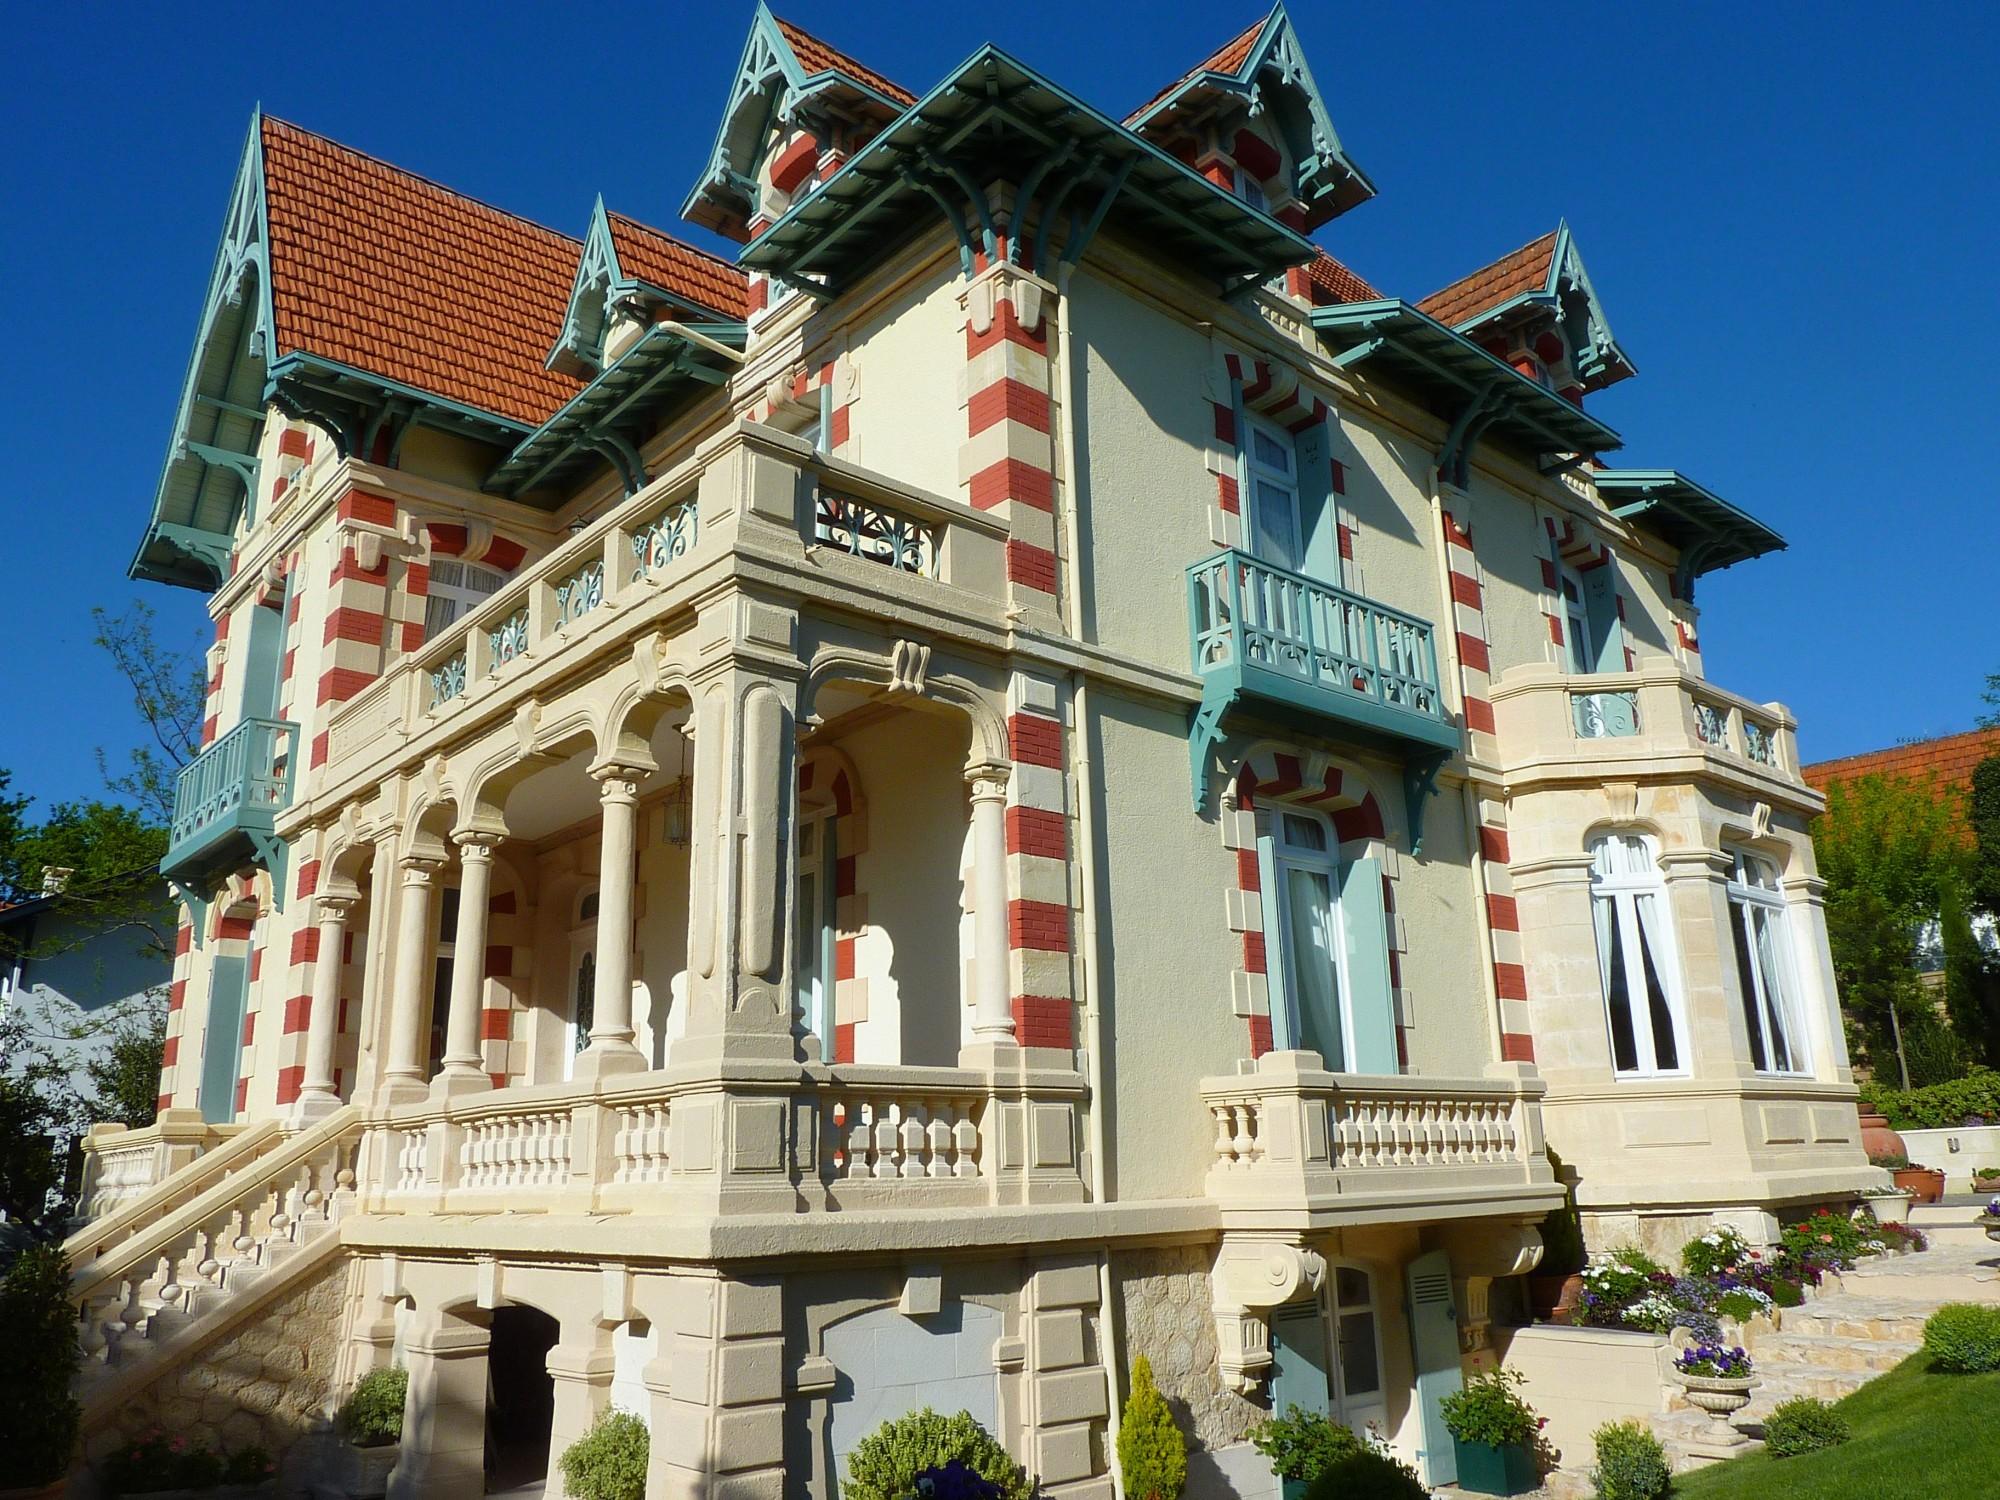 Arcachon ville d 39 hiver villa historique de prestige - Location maison piscine arcachon ...